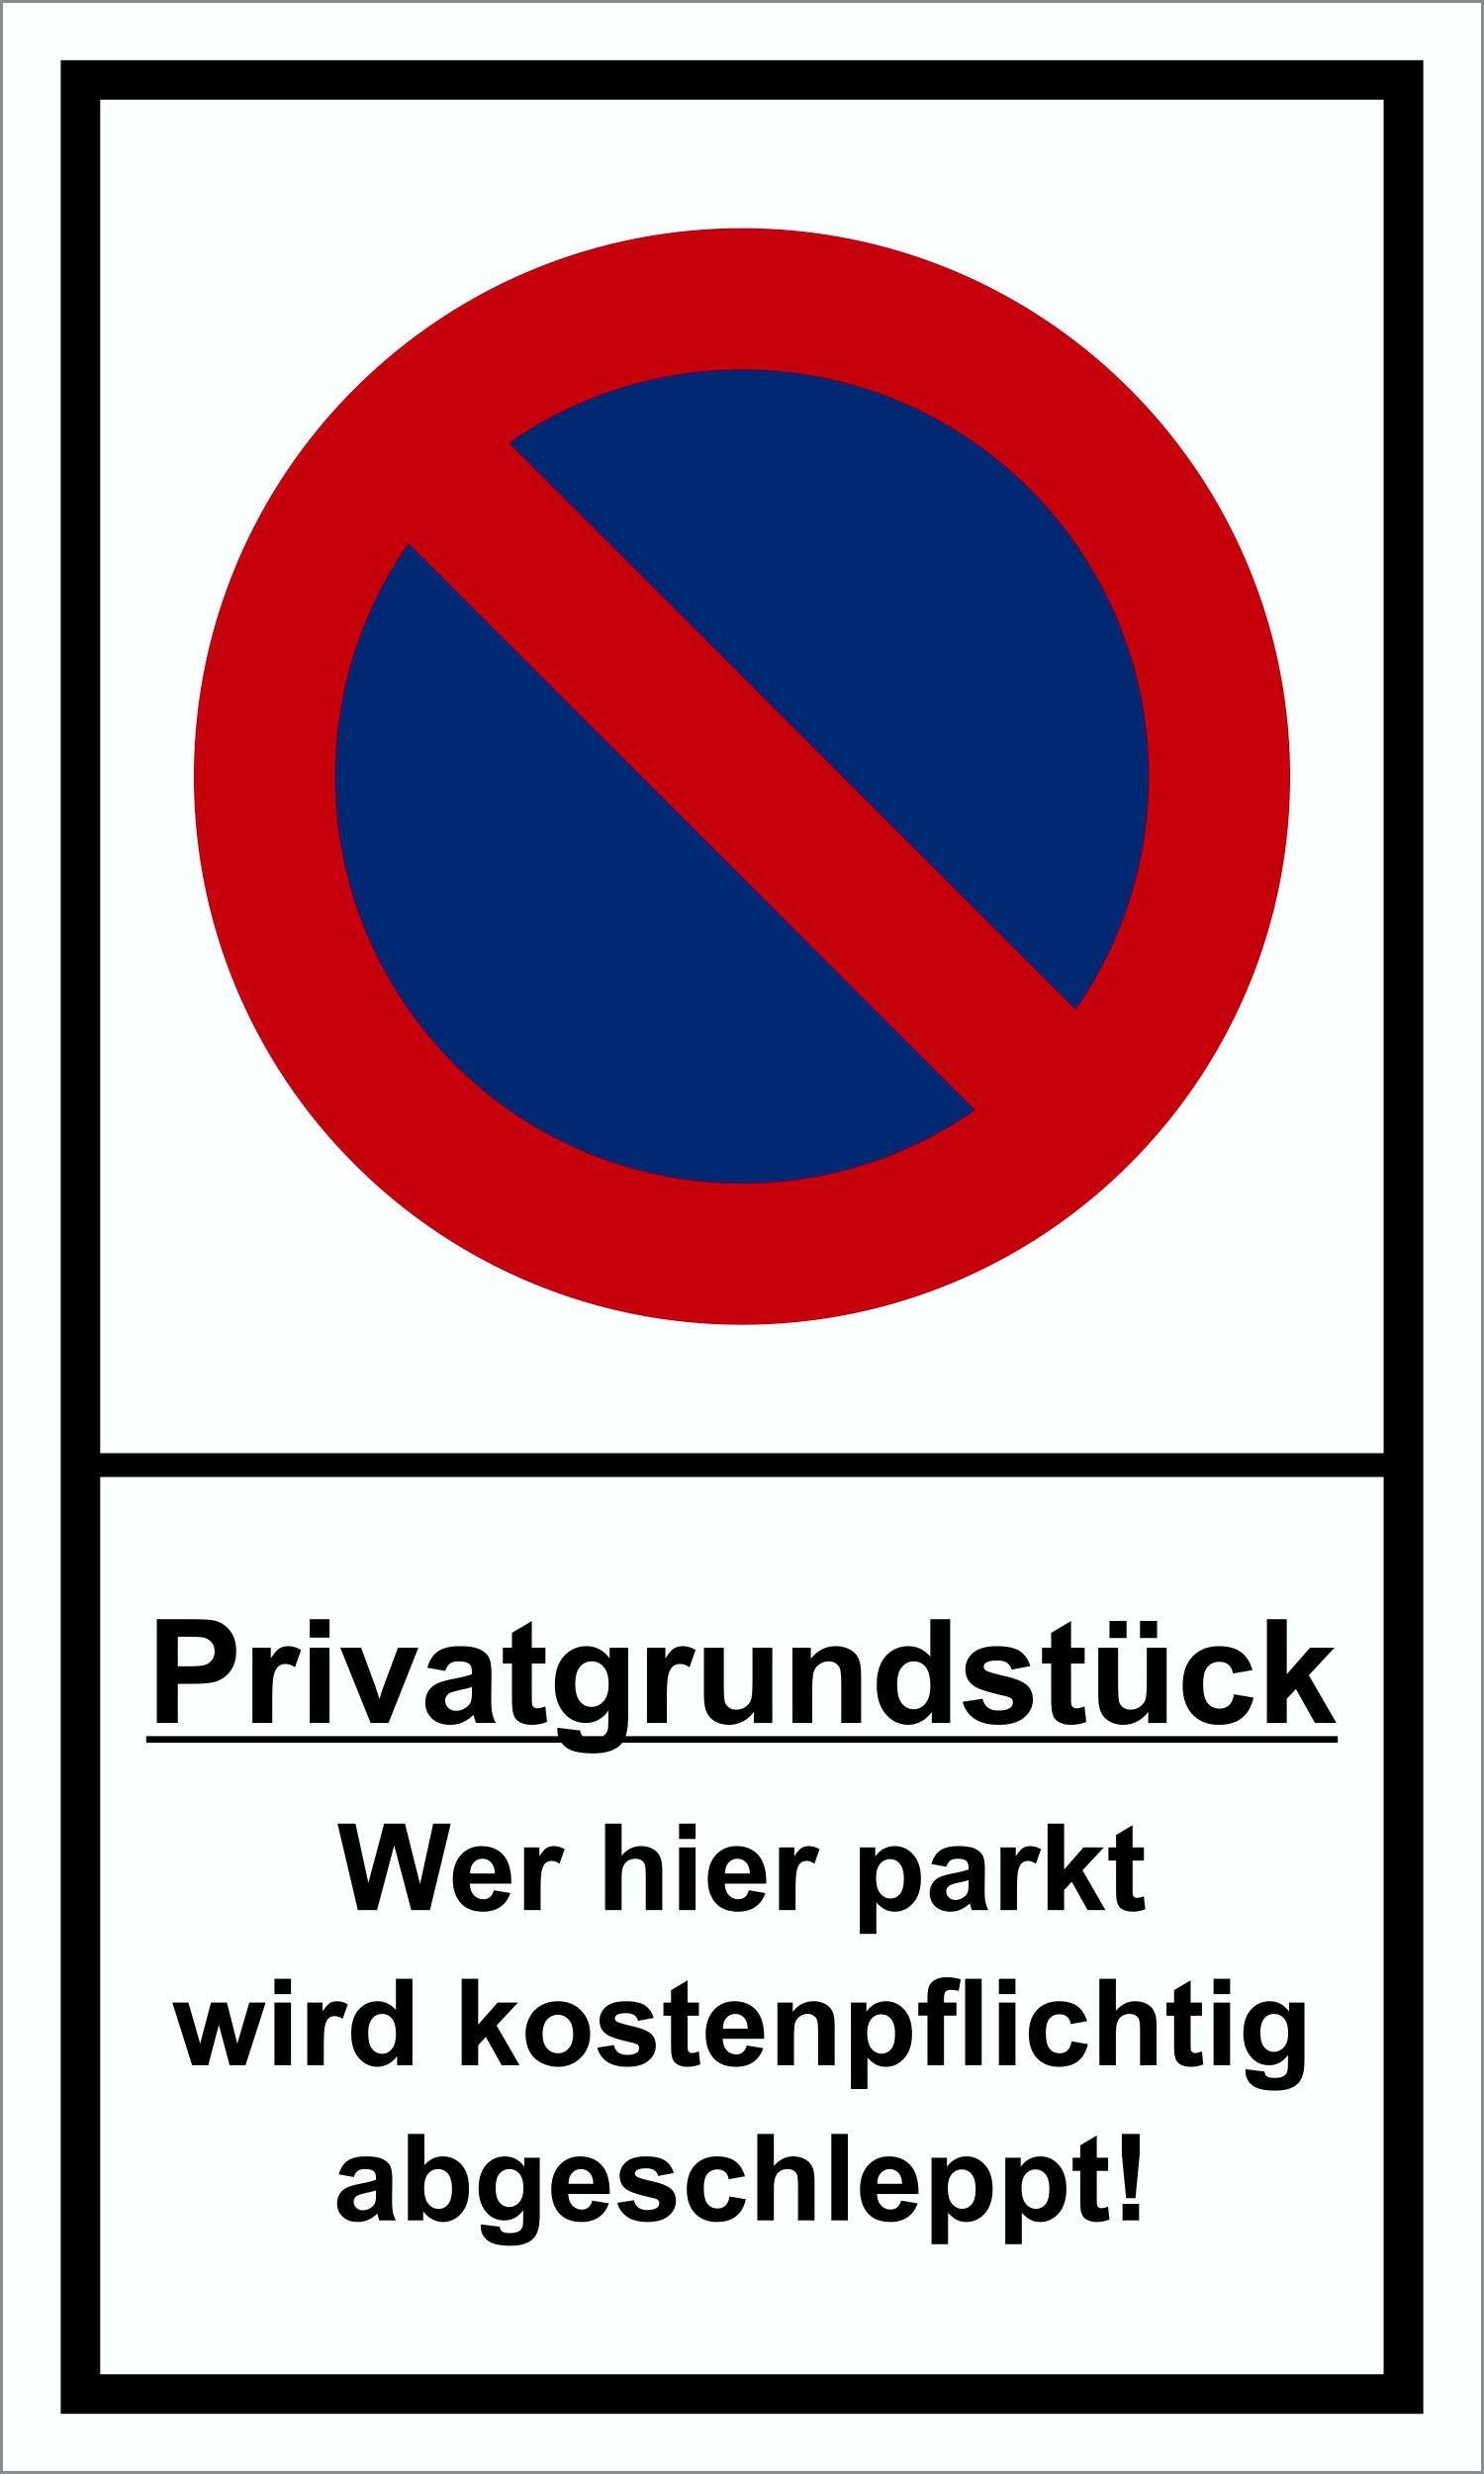 Privatgrundstück ... 250 x 150 mm Warn- Hinweis- und Verbotsschild PST-Kunststoff